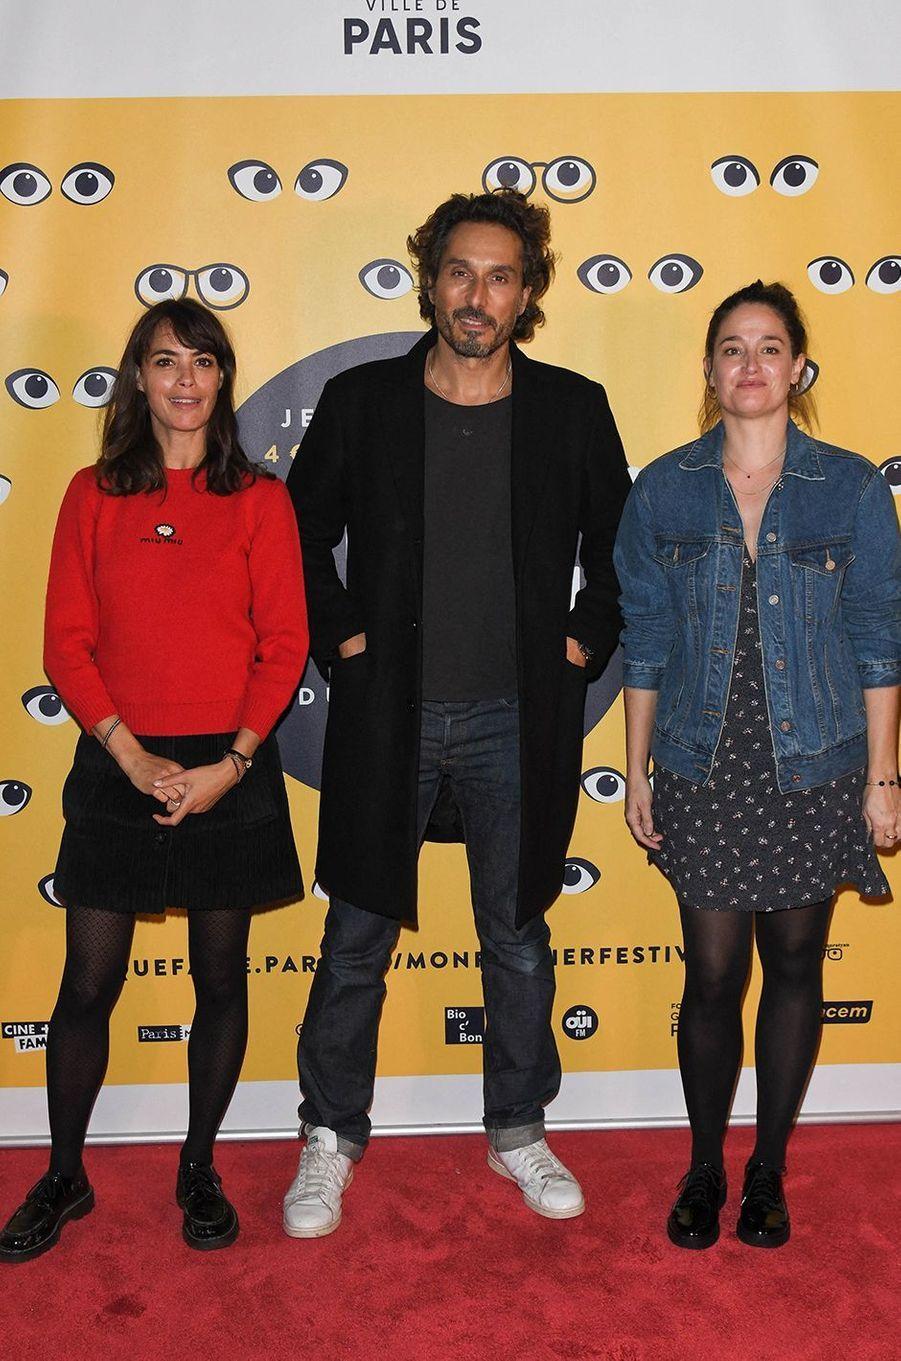 Bérénice Béjo (marraine de l'événement cette année), Vincent Elbaz et Marie Gillainpour la présentation du film «Mystère» lors de la 16e édition de Mon Premier Festival au Forum des Images à Paris le 21 octobre 2020